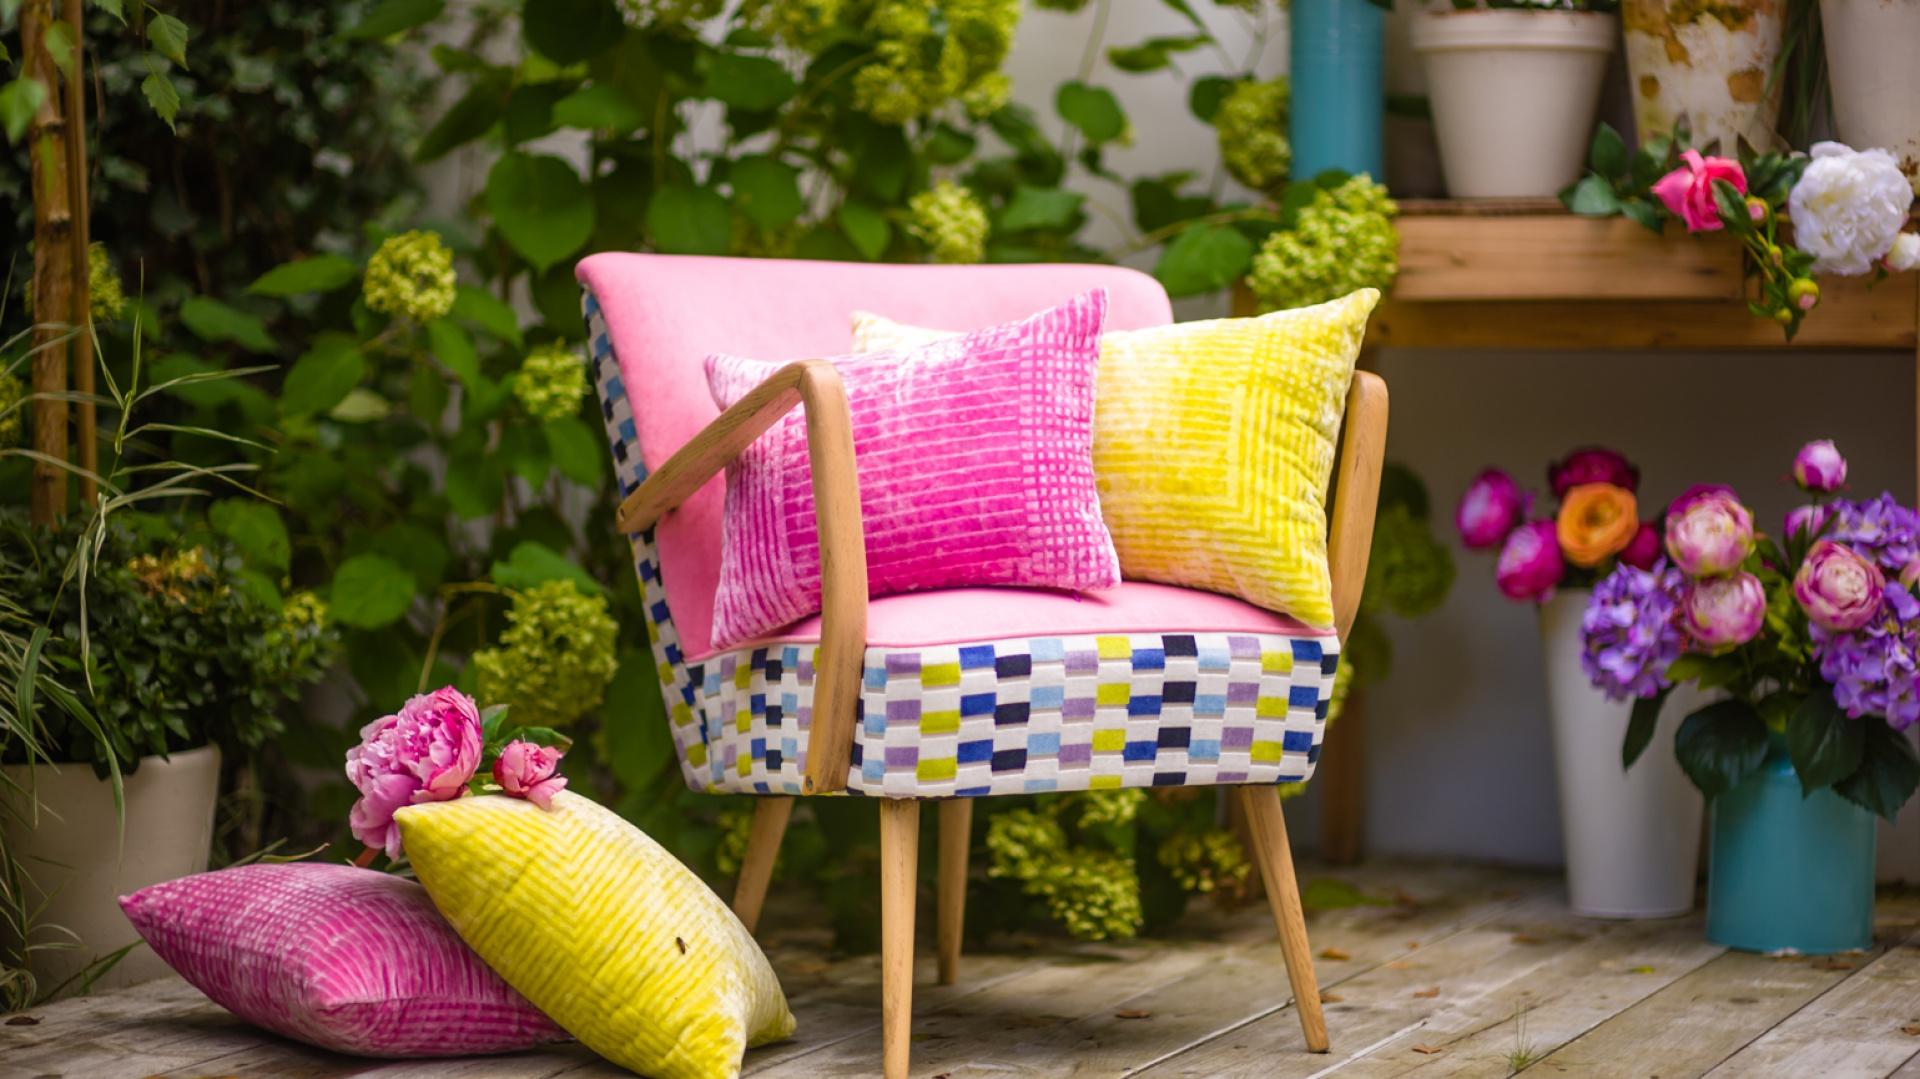 Wielobarwny fotel o wdzięcznej nazwie Landrynka spodoba się zarówno dorosłym, jak i maluchom czy nastolatkom. Fot. Deca.